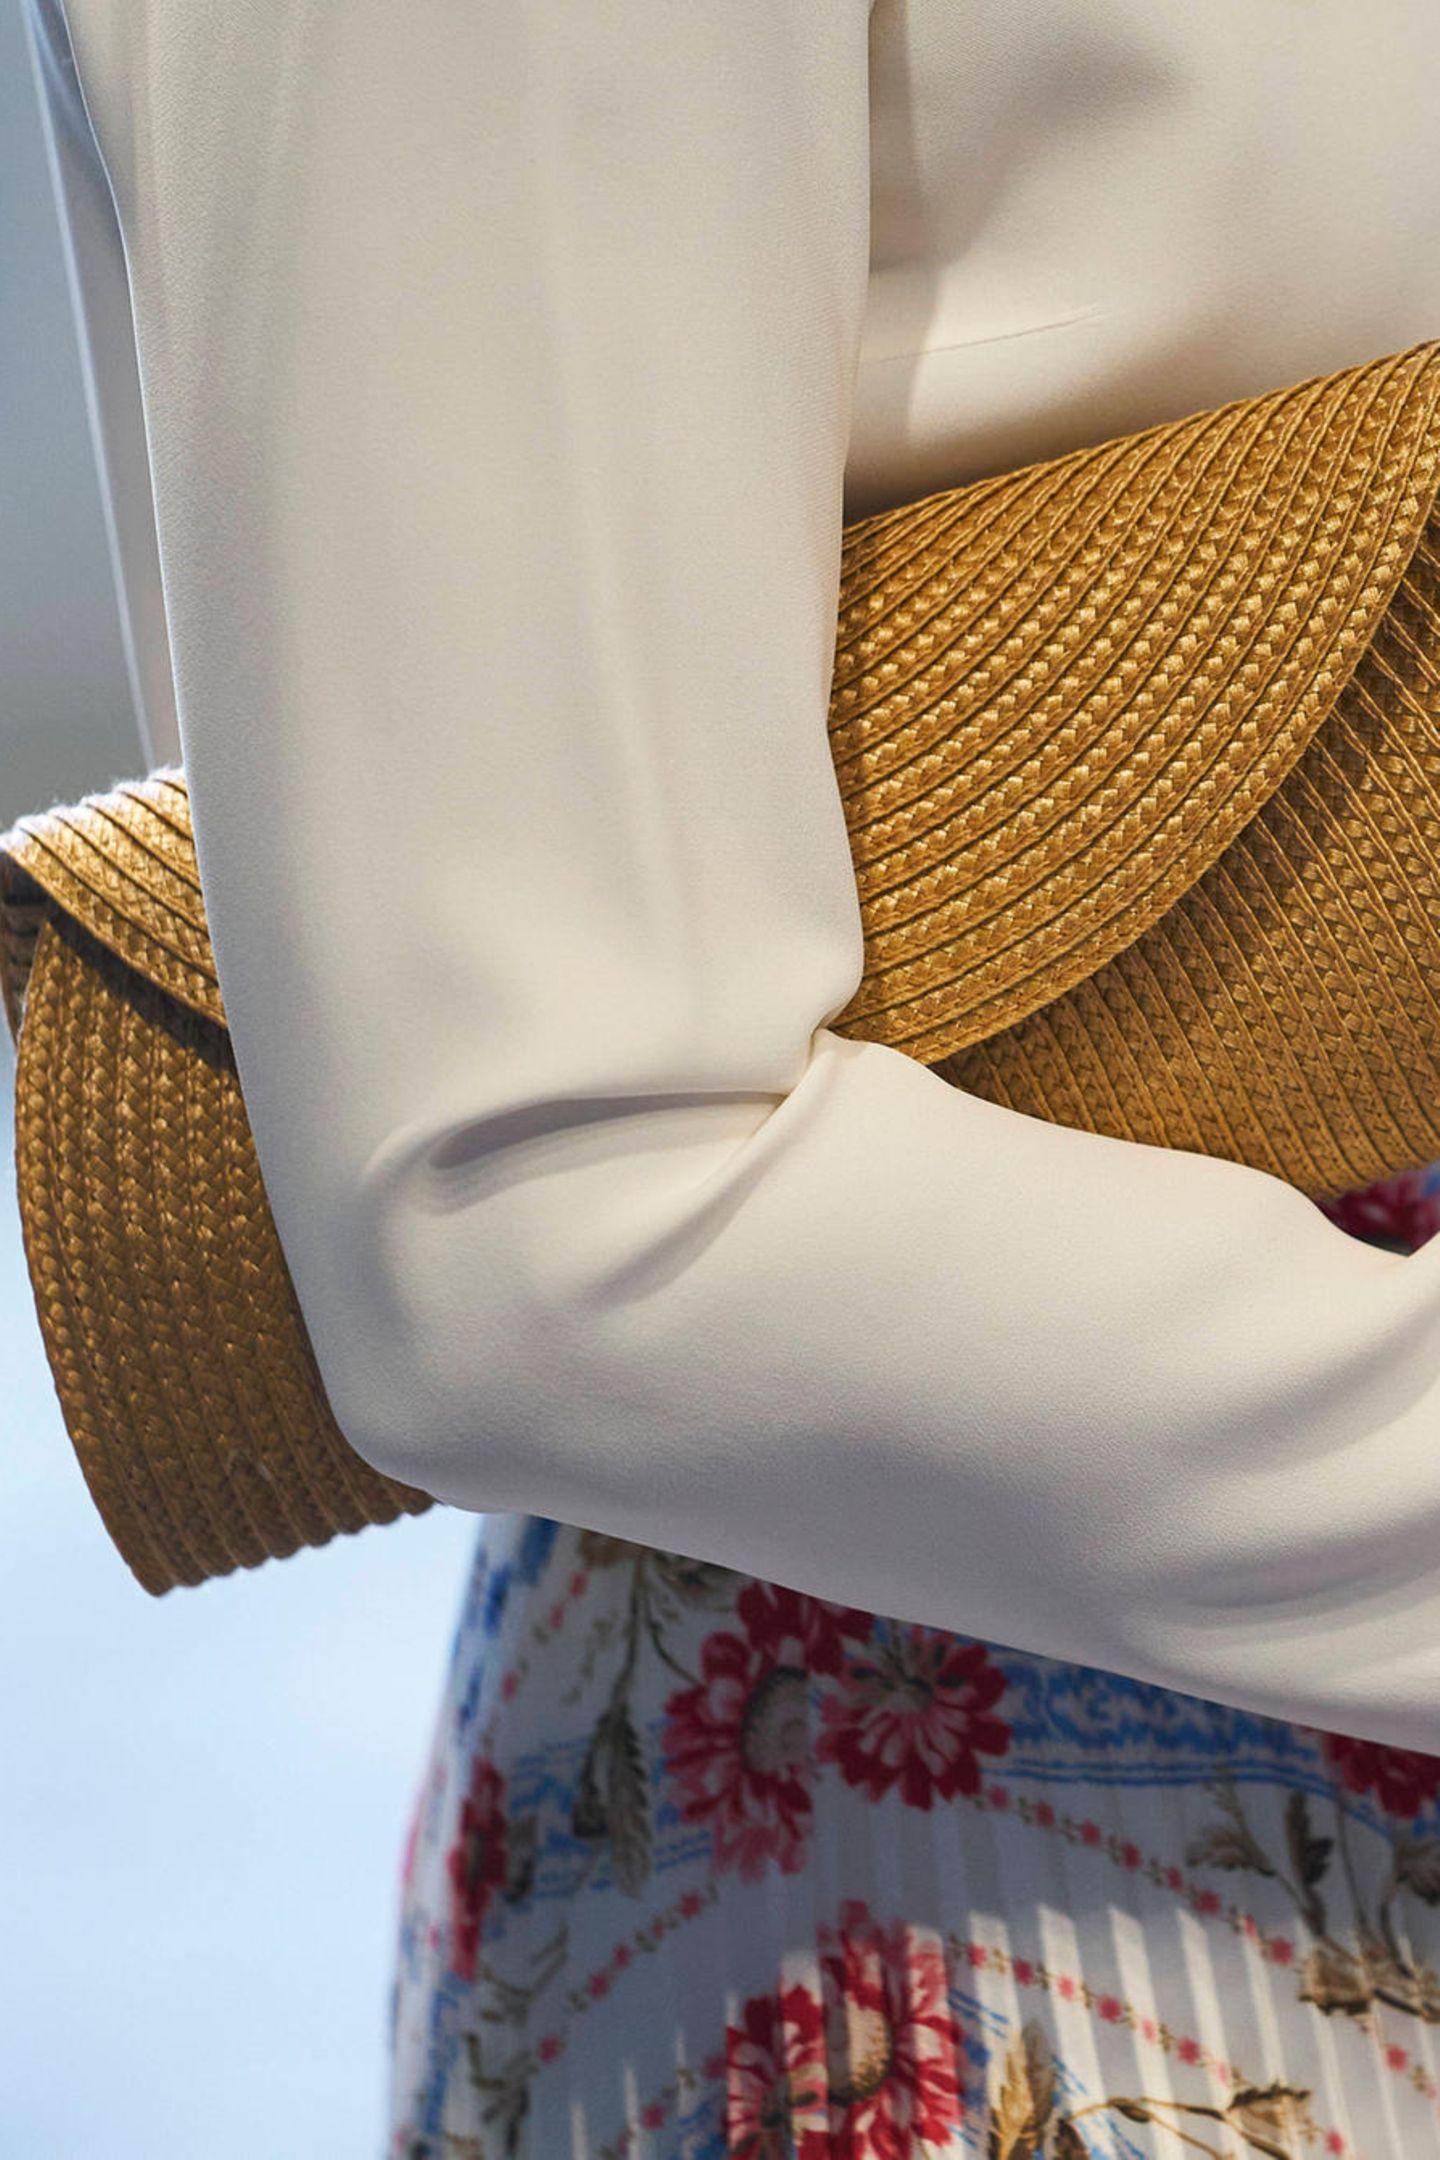 Prinzessin Mary trägt eine gelbe Clutch